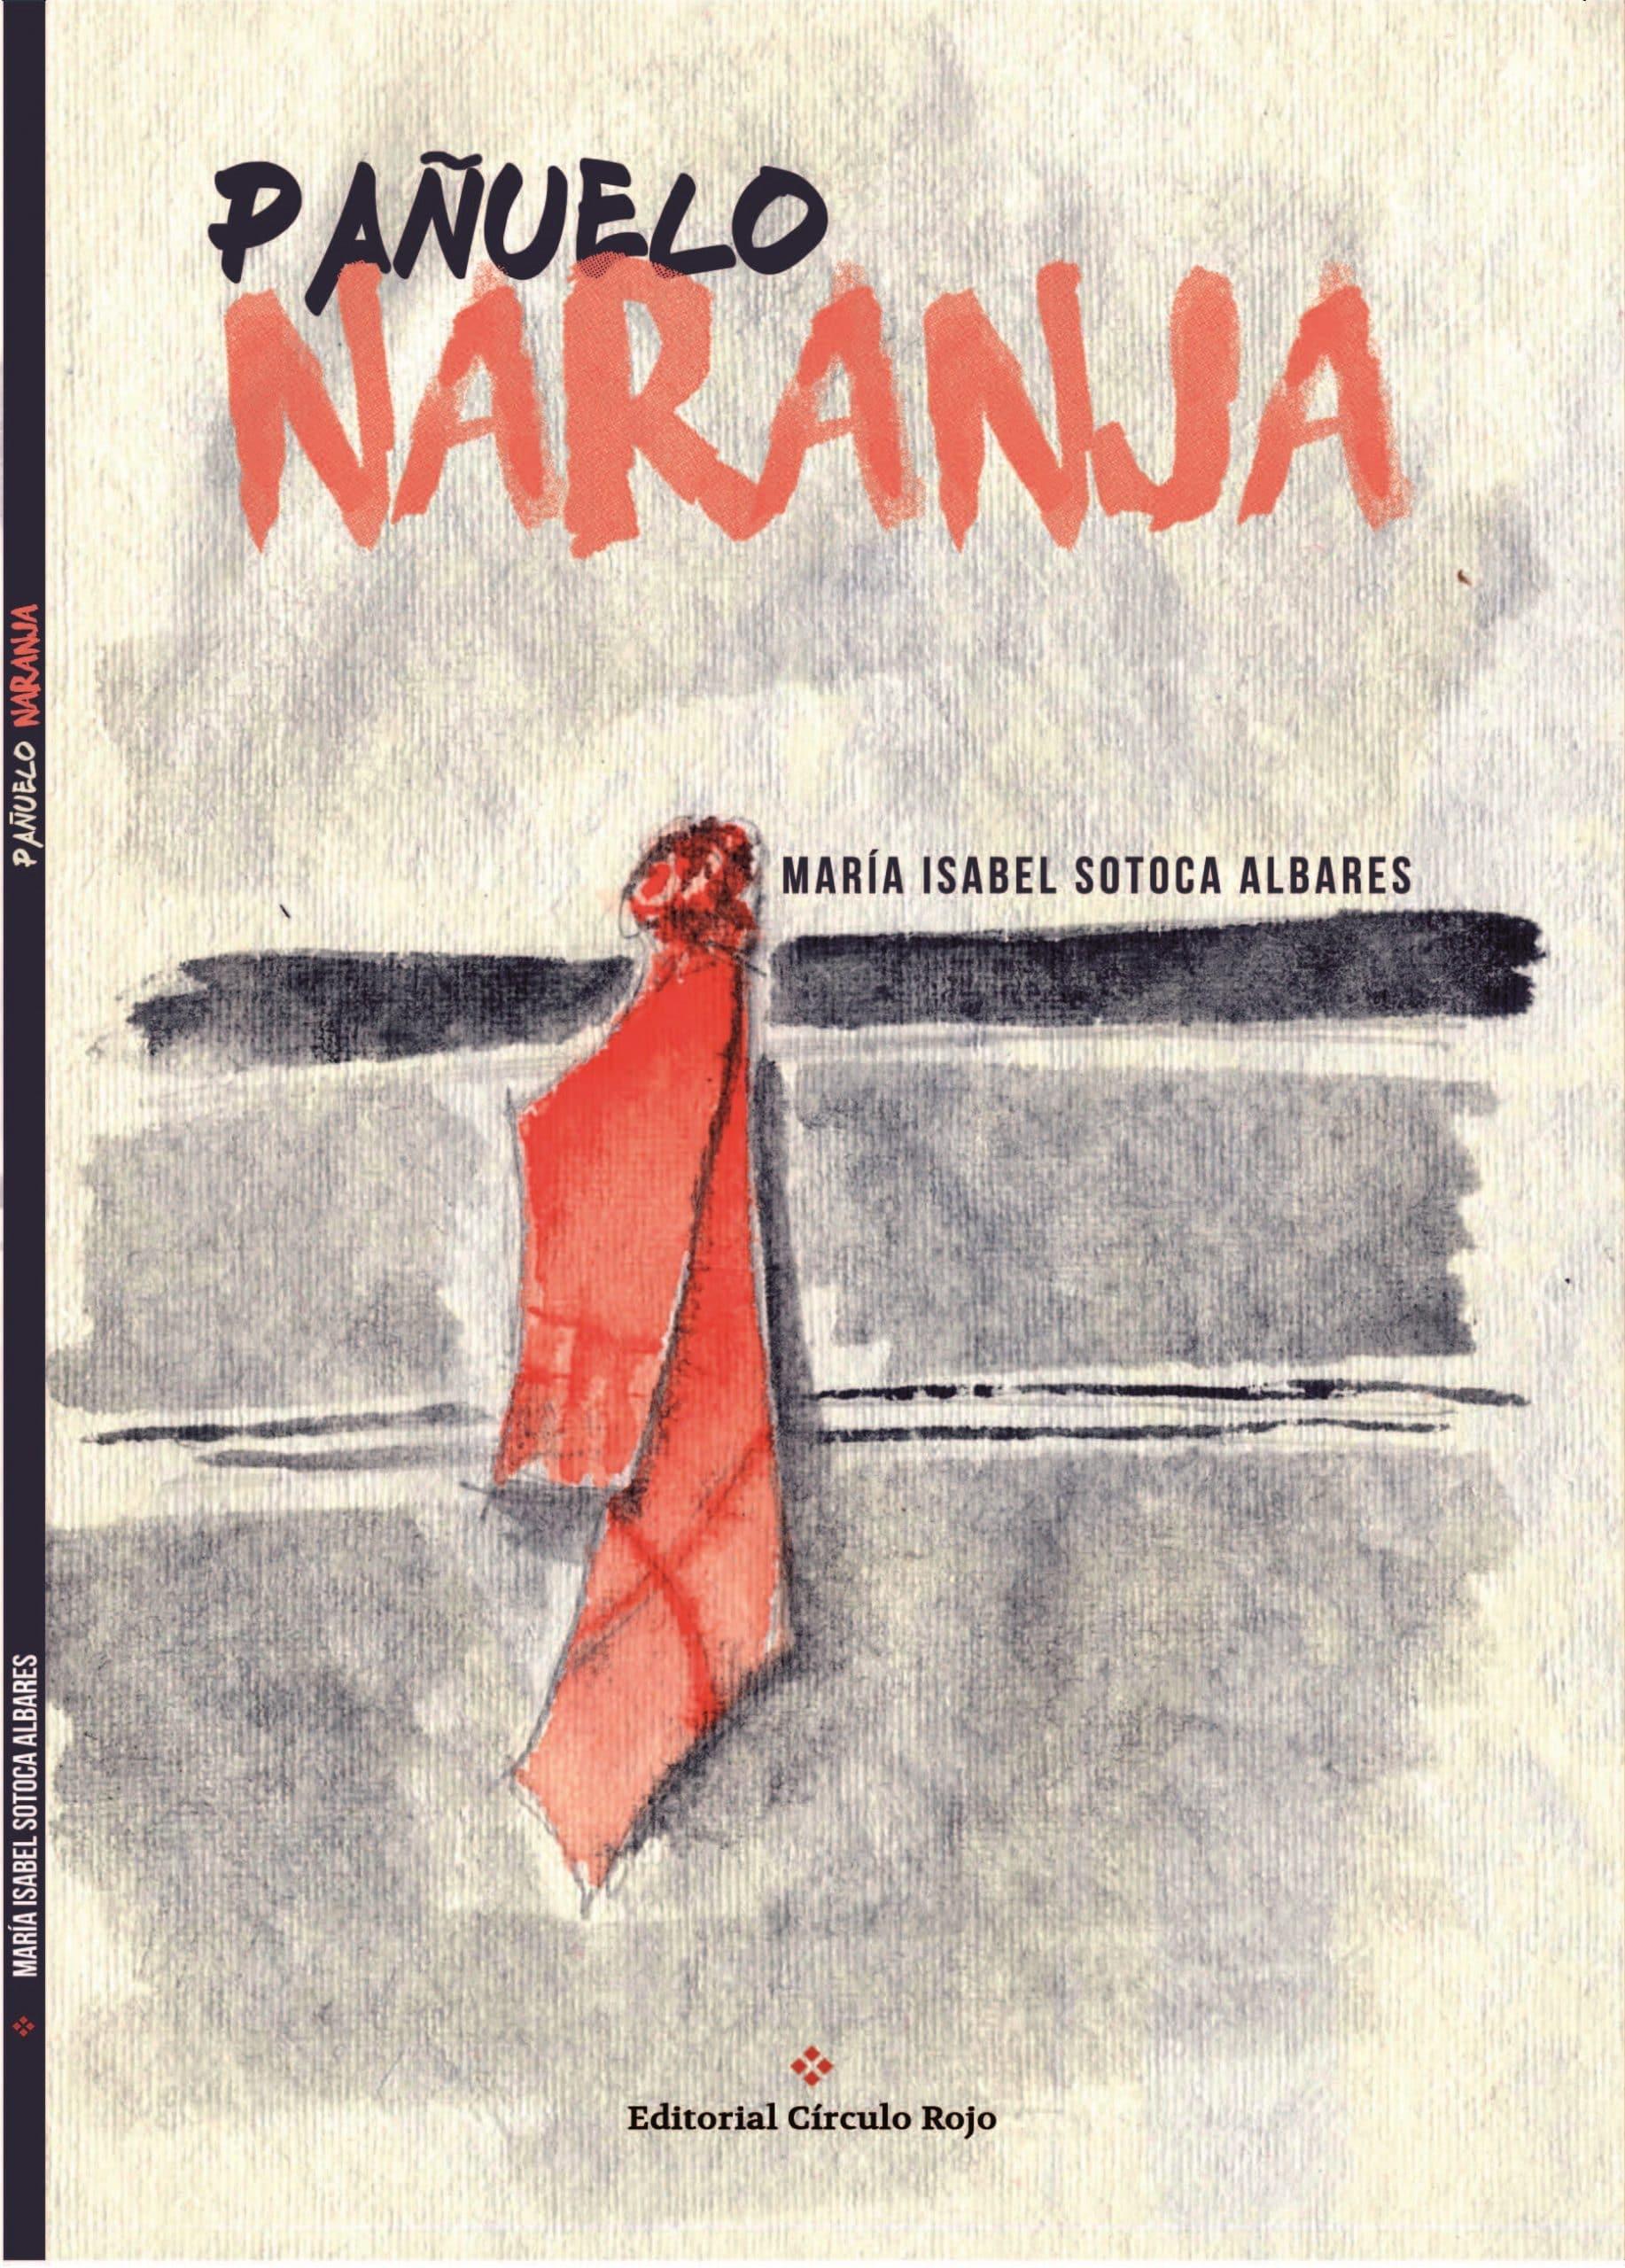 cuento_Pañuelo naranja_Página_01